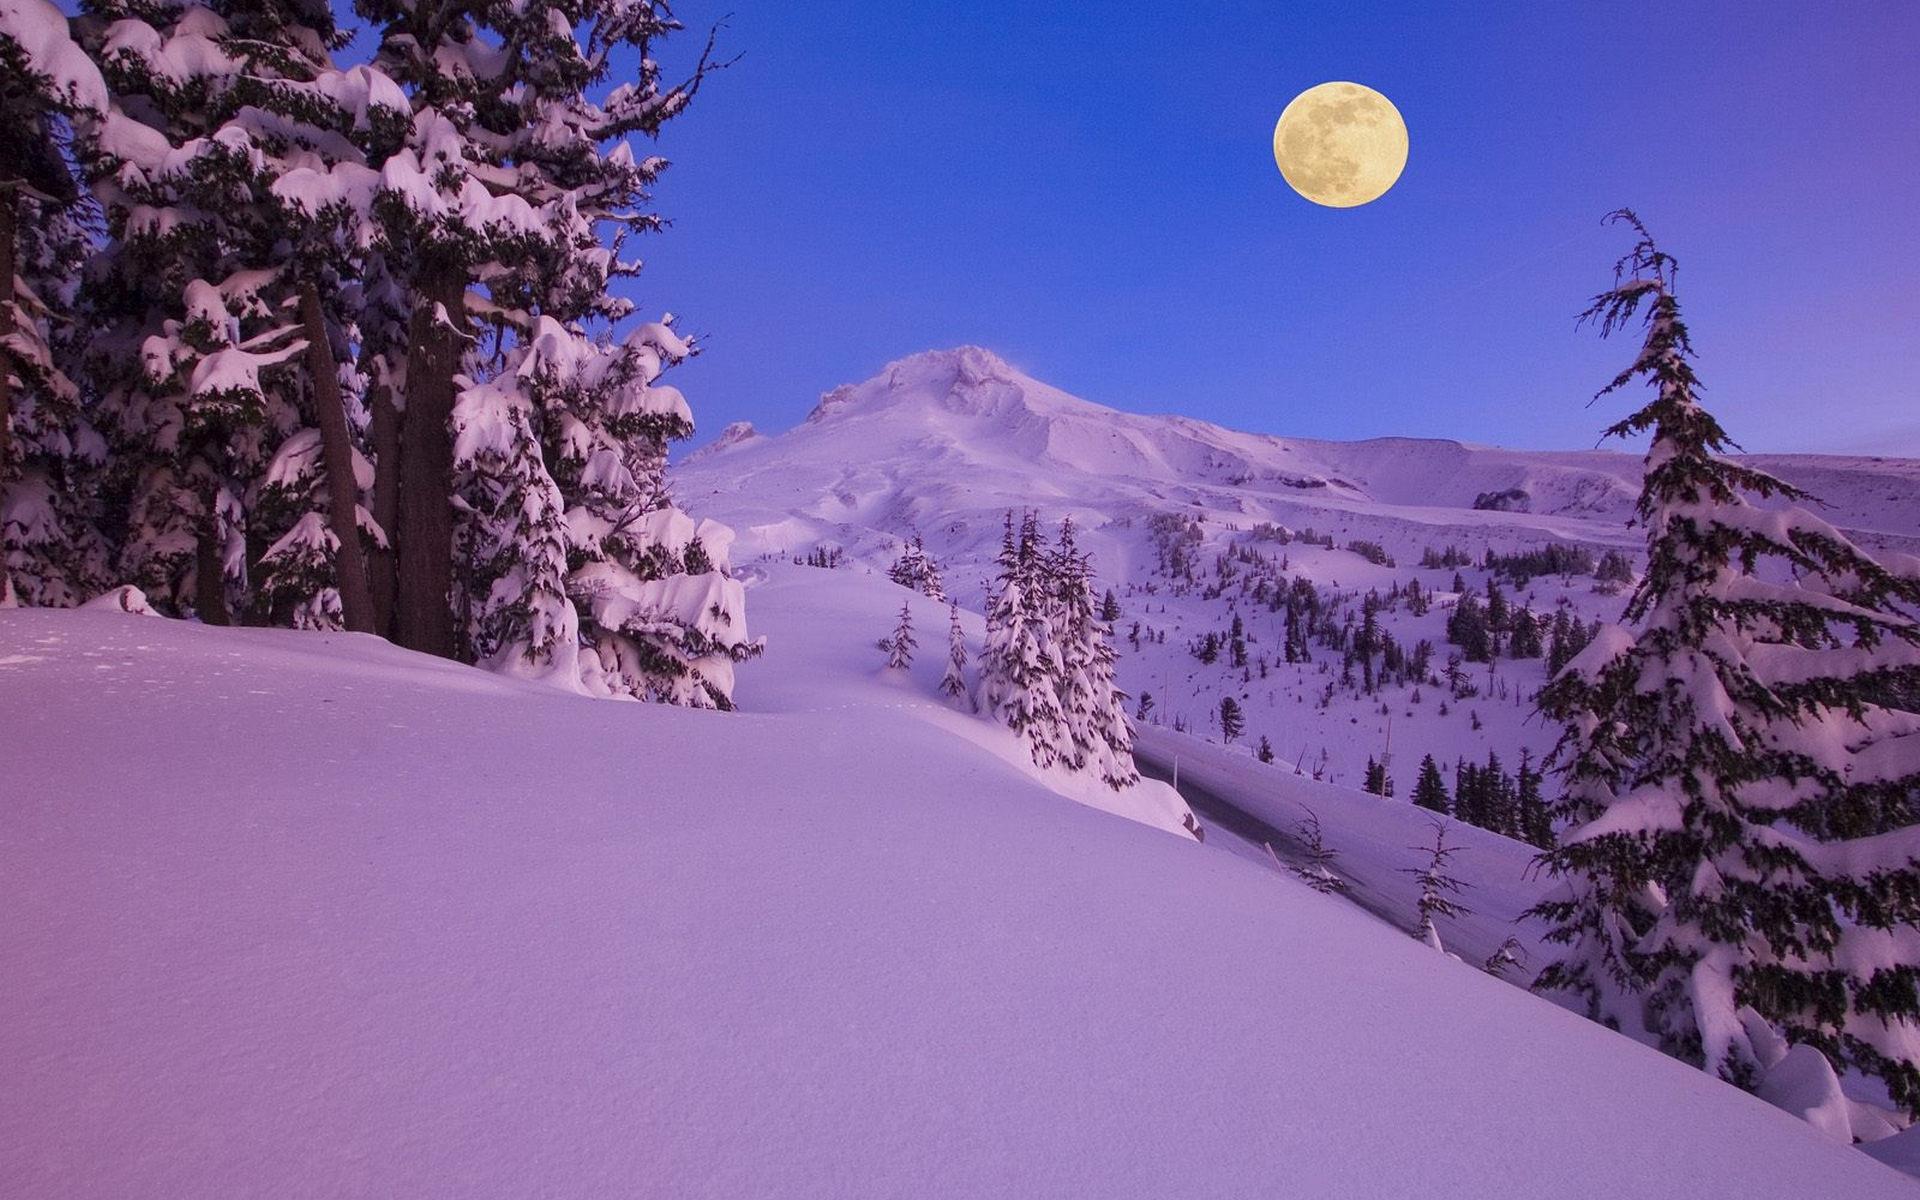 بالصور صور خلفيات طبيعيه , اجمل مناظر طبيعية 4212 6